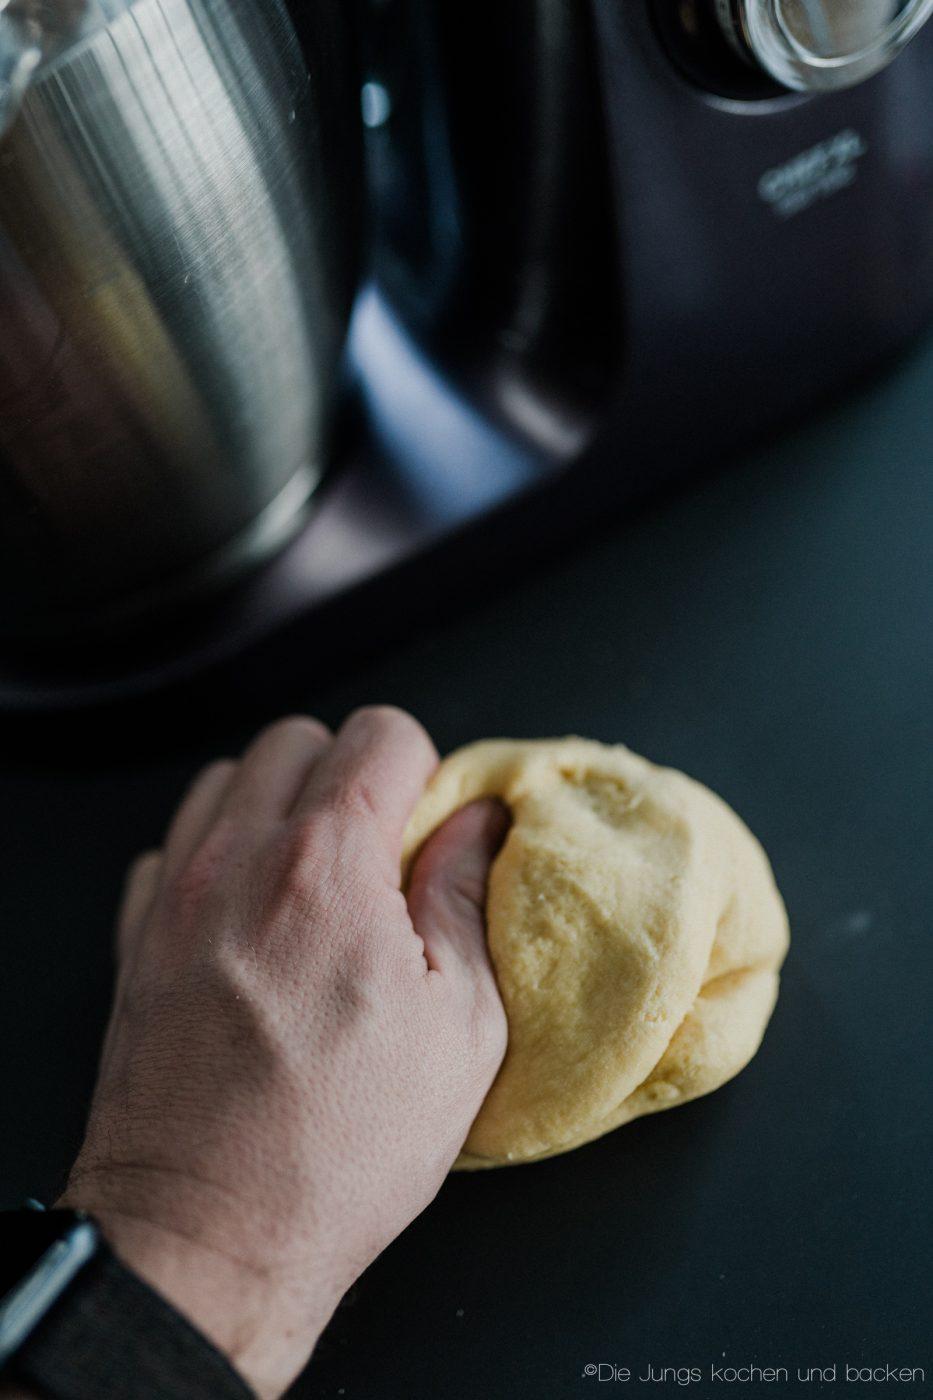 Pasta Grundrezept 5 | Wir beide essen wirklich selten Pasta. Nicht, weil wir sie nicht mögen ... ganz im Gegenteil, sondern weil wir unter der Woche immer mehr versuchen, nicht zu viele Kohlenhydrate zu futtern. Aber so ganz klappt das natürlich nicht immer. Da wollen wir mal ganz ehrlich sein. Wenn wir dann aber Nudeln kochen wollen, dann sind die aus selbst gemachtem Pastateig mittlerweile Pflicht.